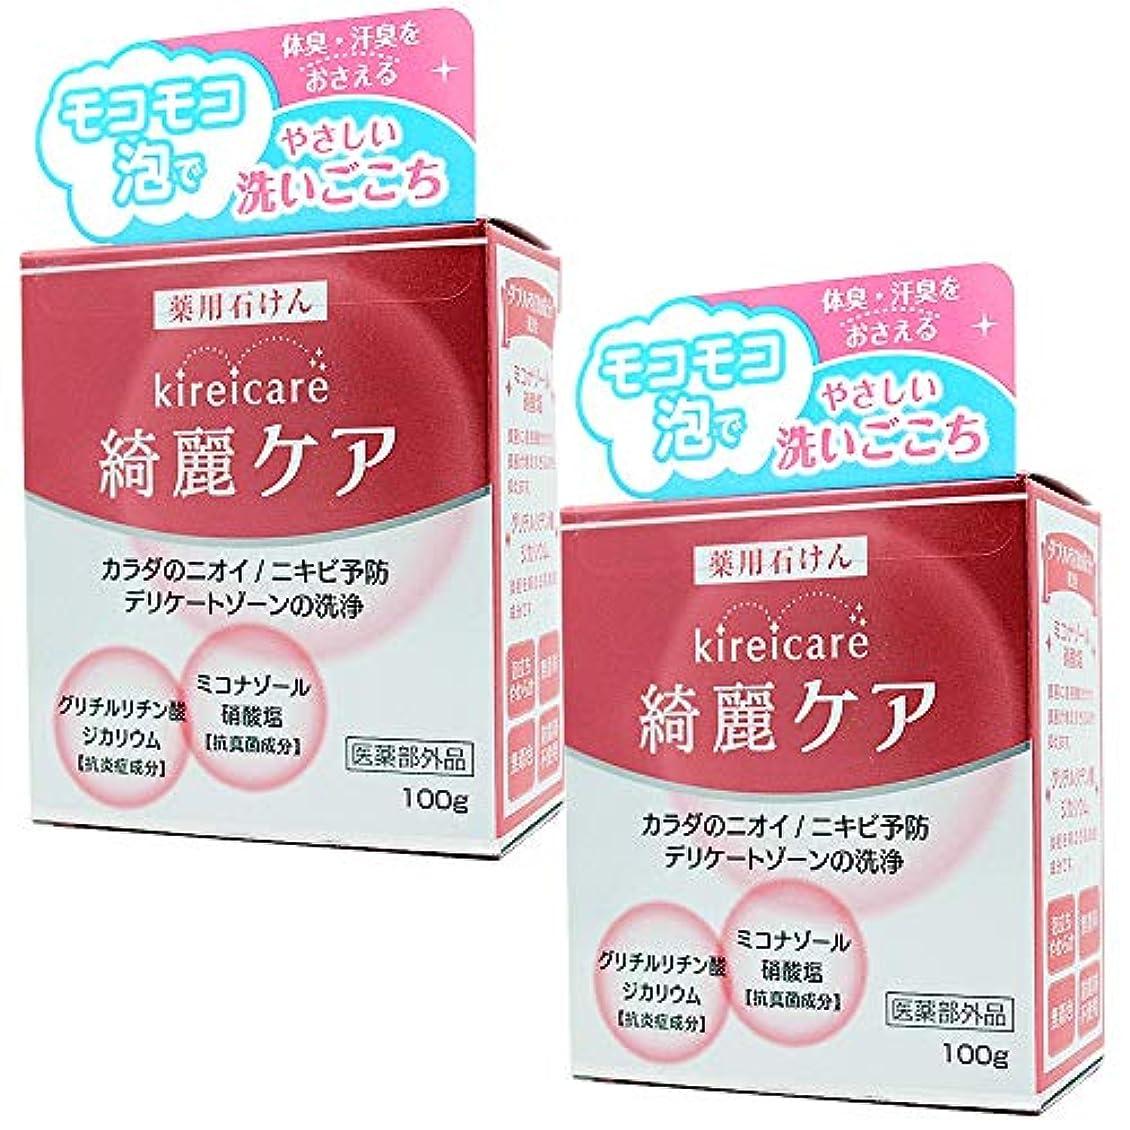 リズミカルな一見インスタンス白金製薬 ミコナゾール 綺麗ケア 薬用石けん 100g [医薬部外品] 2個セット